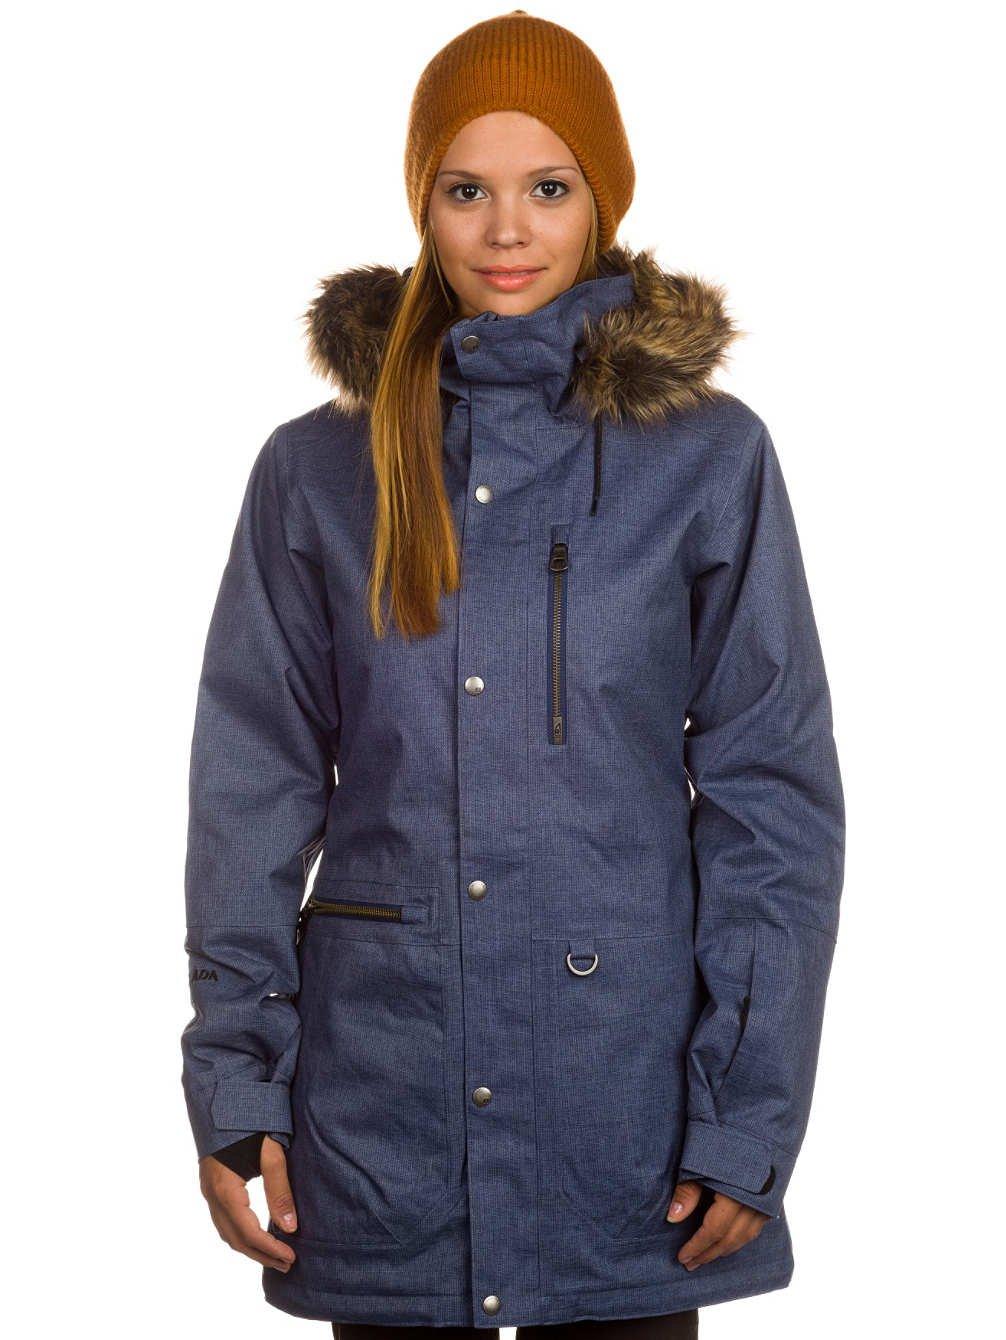 Damen Snowboard Jacke Armada Lynx Insulated Jacket günstig online kaufen